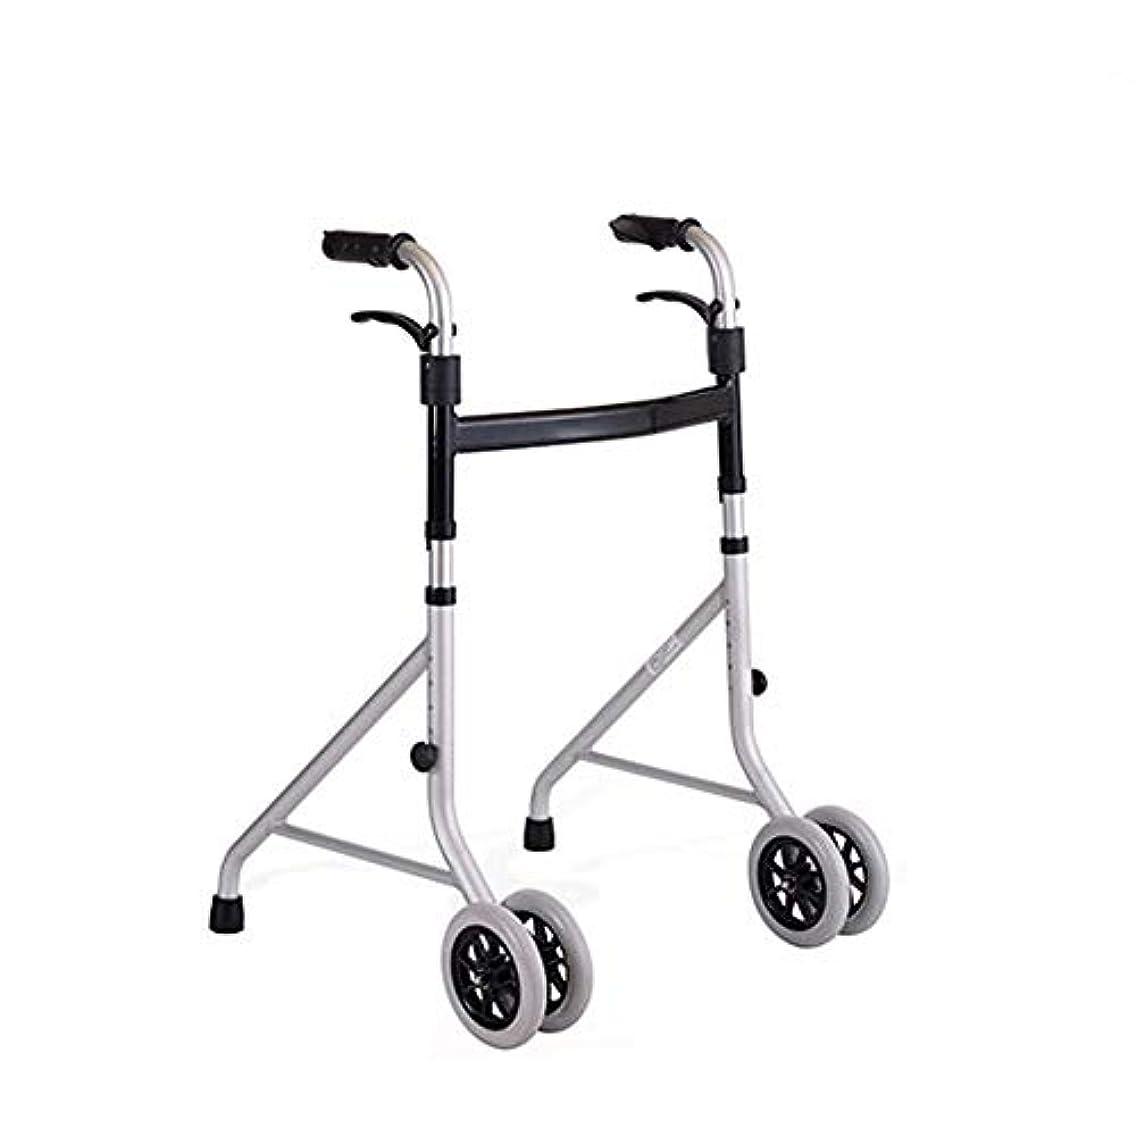 入場目の前の人類折りたたみ式軽量アルミニウム歩行フレーム/ジマー/ 4車輪付き歩行器-高さ調節可能 (Color : Gray)